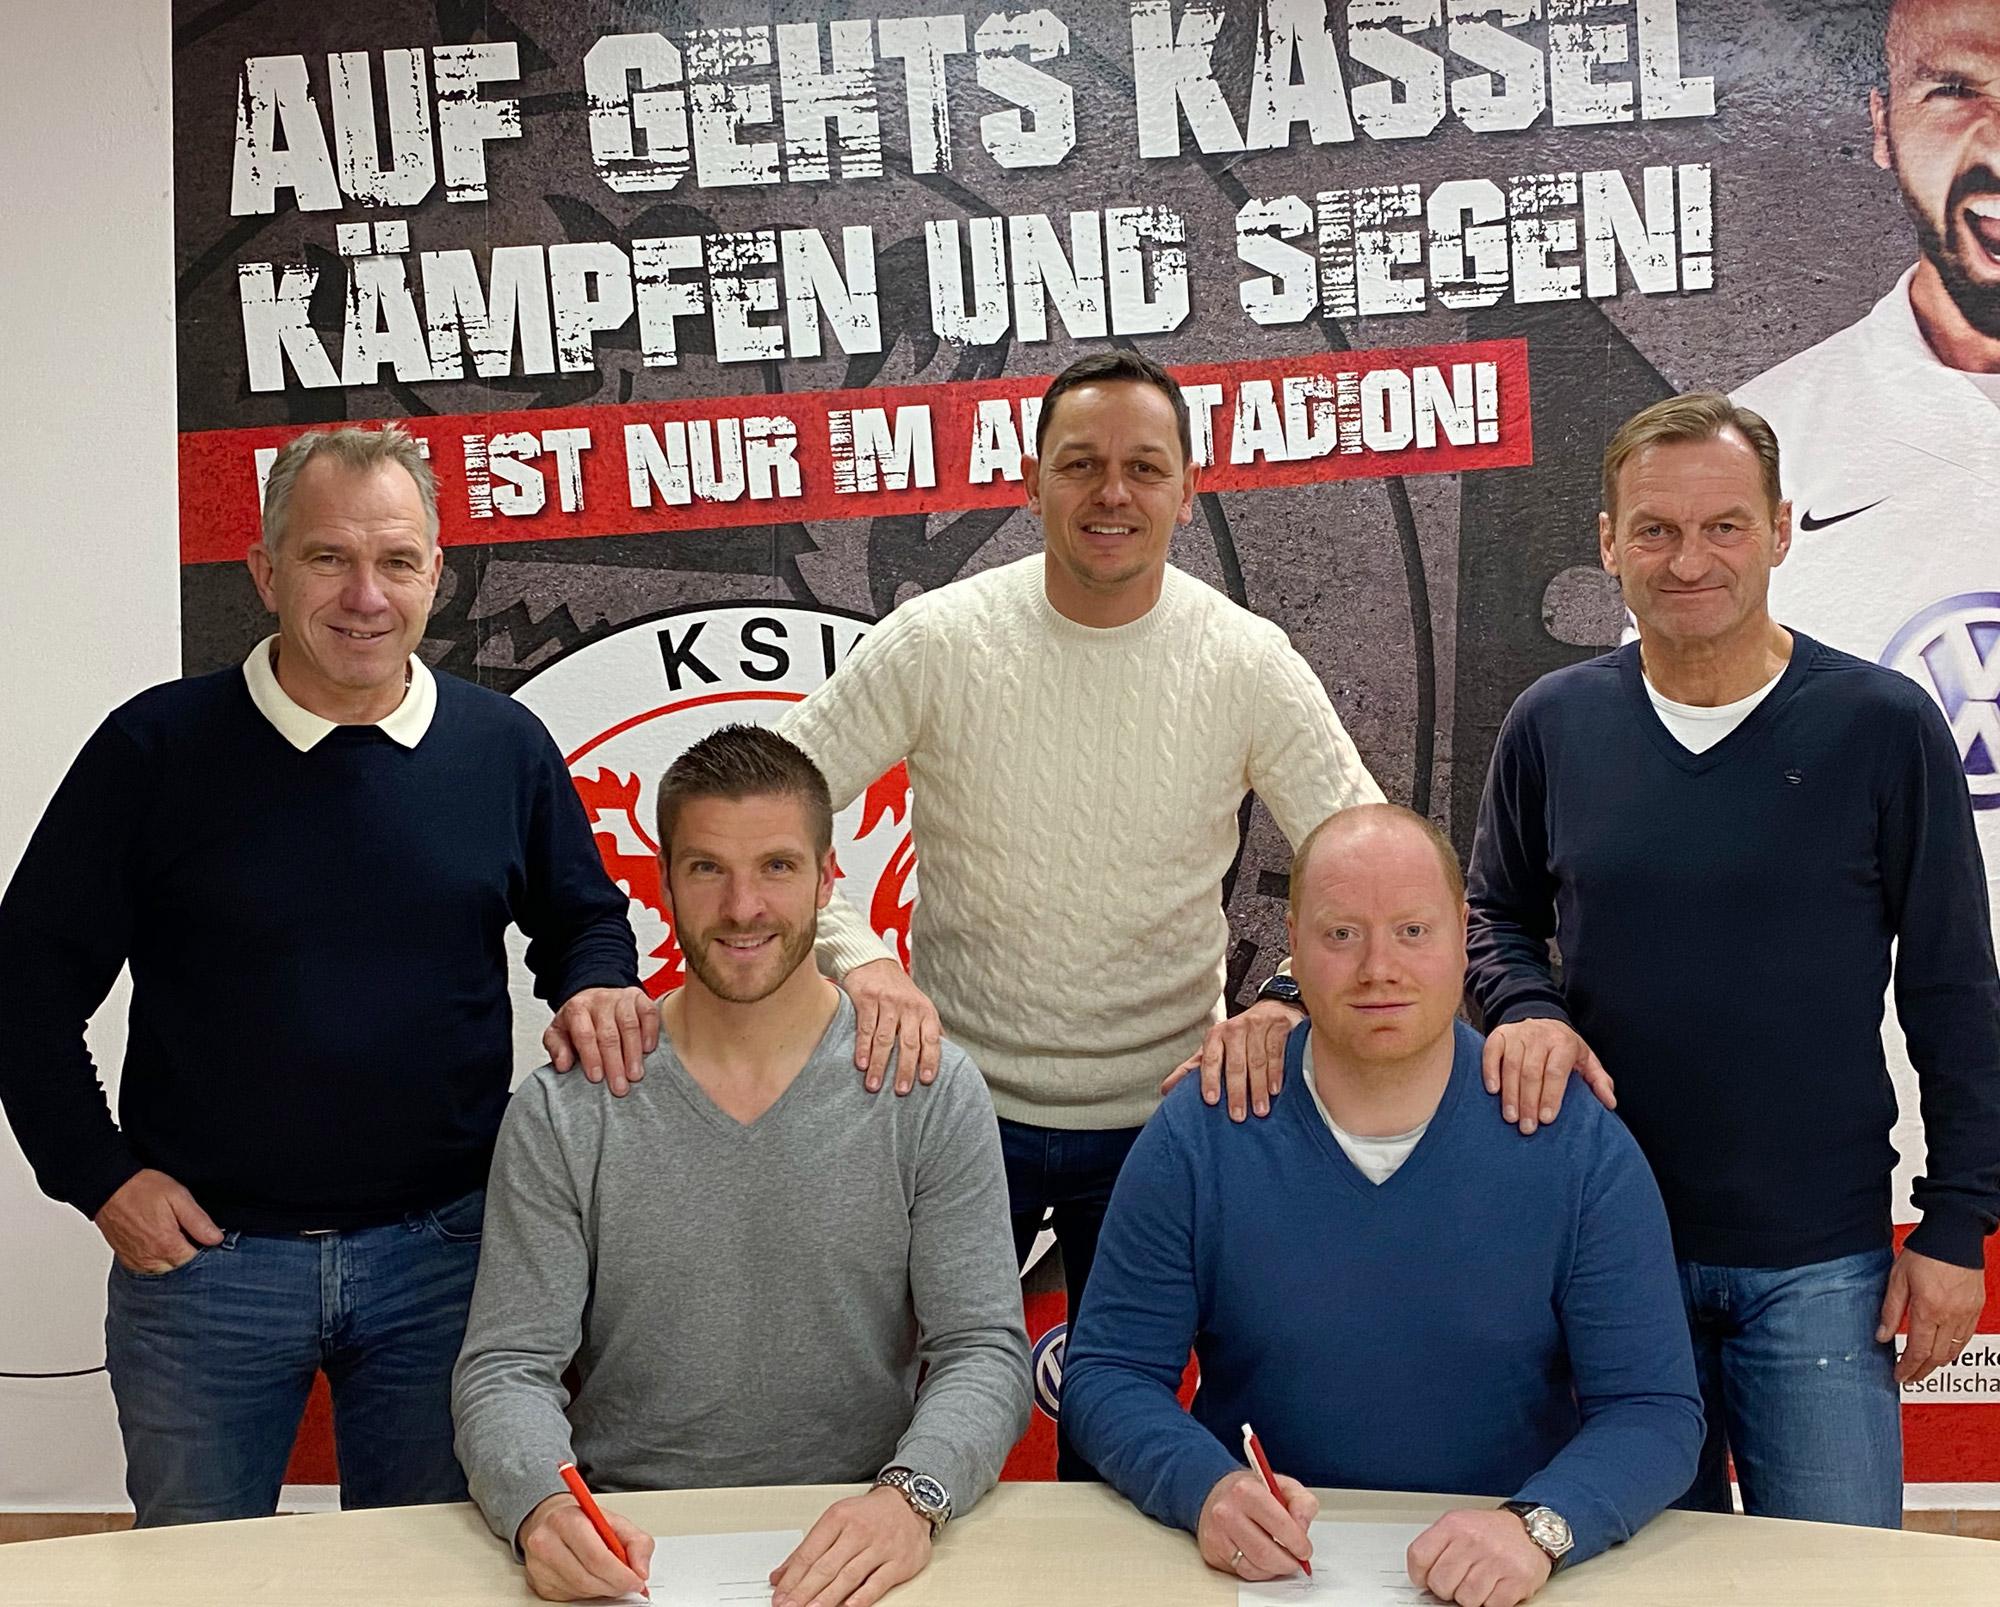 v.l.n.r.: Jens Rose (KSV-Vorstand), Tobias Damm (Cheftrainer), Swen Meier (KSV-Vorstand), Sebastian Busch (Co-Trainer), Jörg Müller (sportliche Leitung)